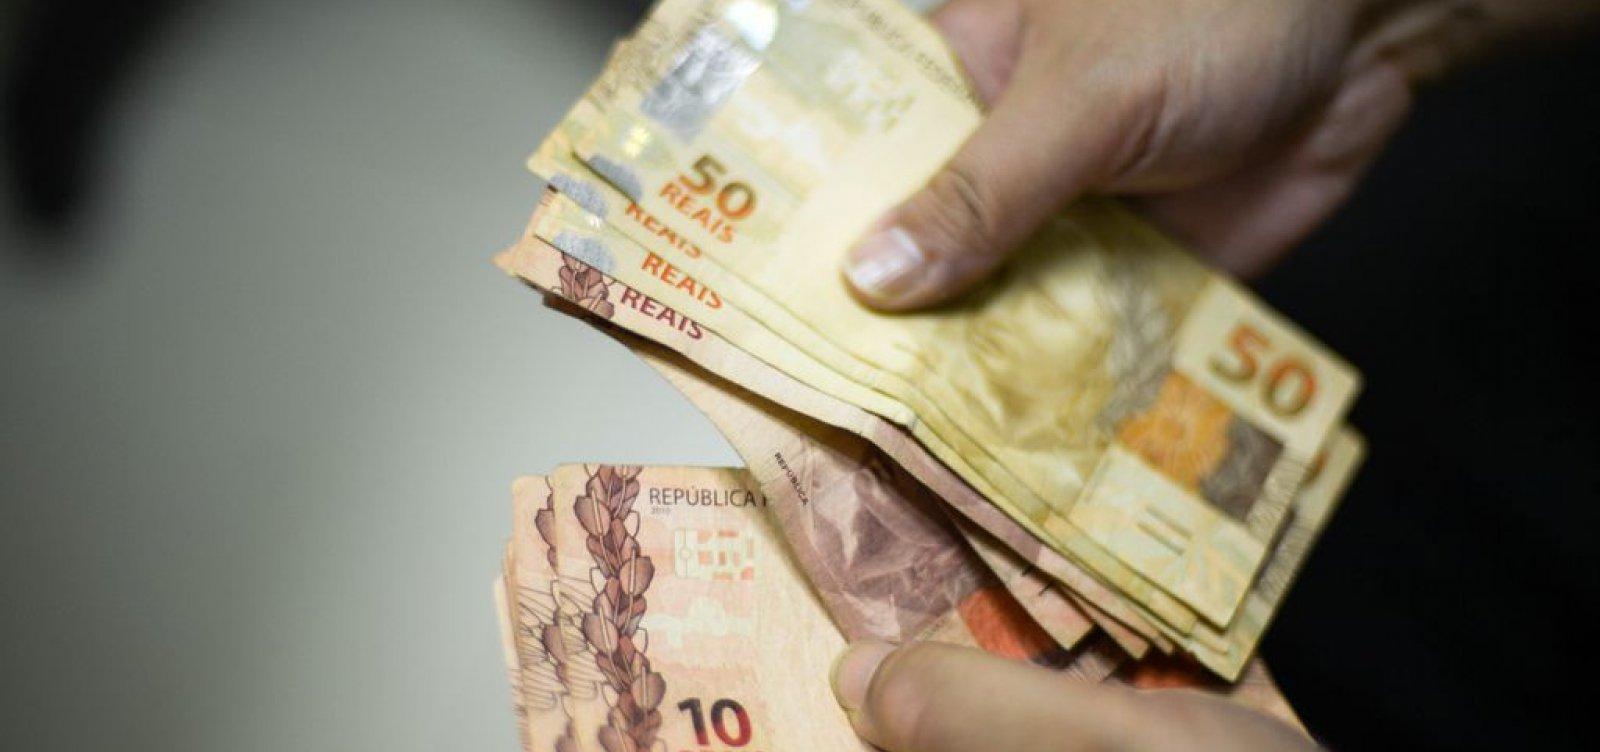 [De cada 100 inadimplentes, 37 devem até R$ 500]